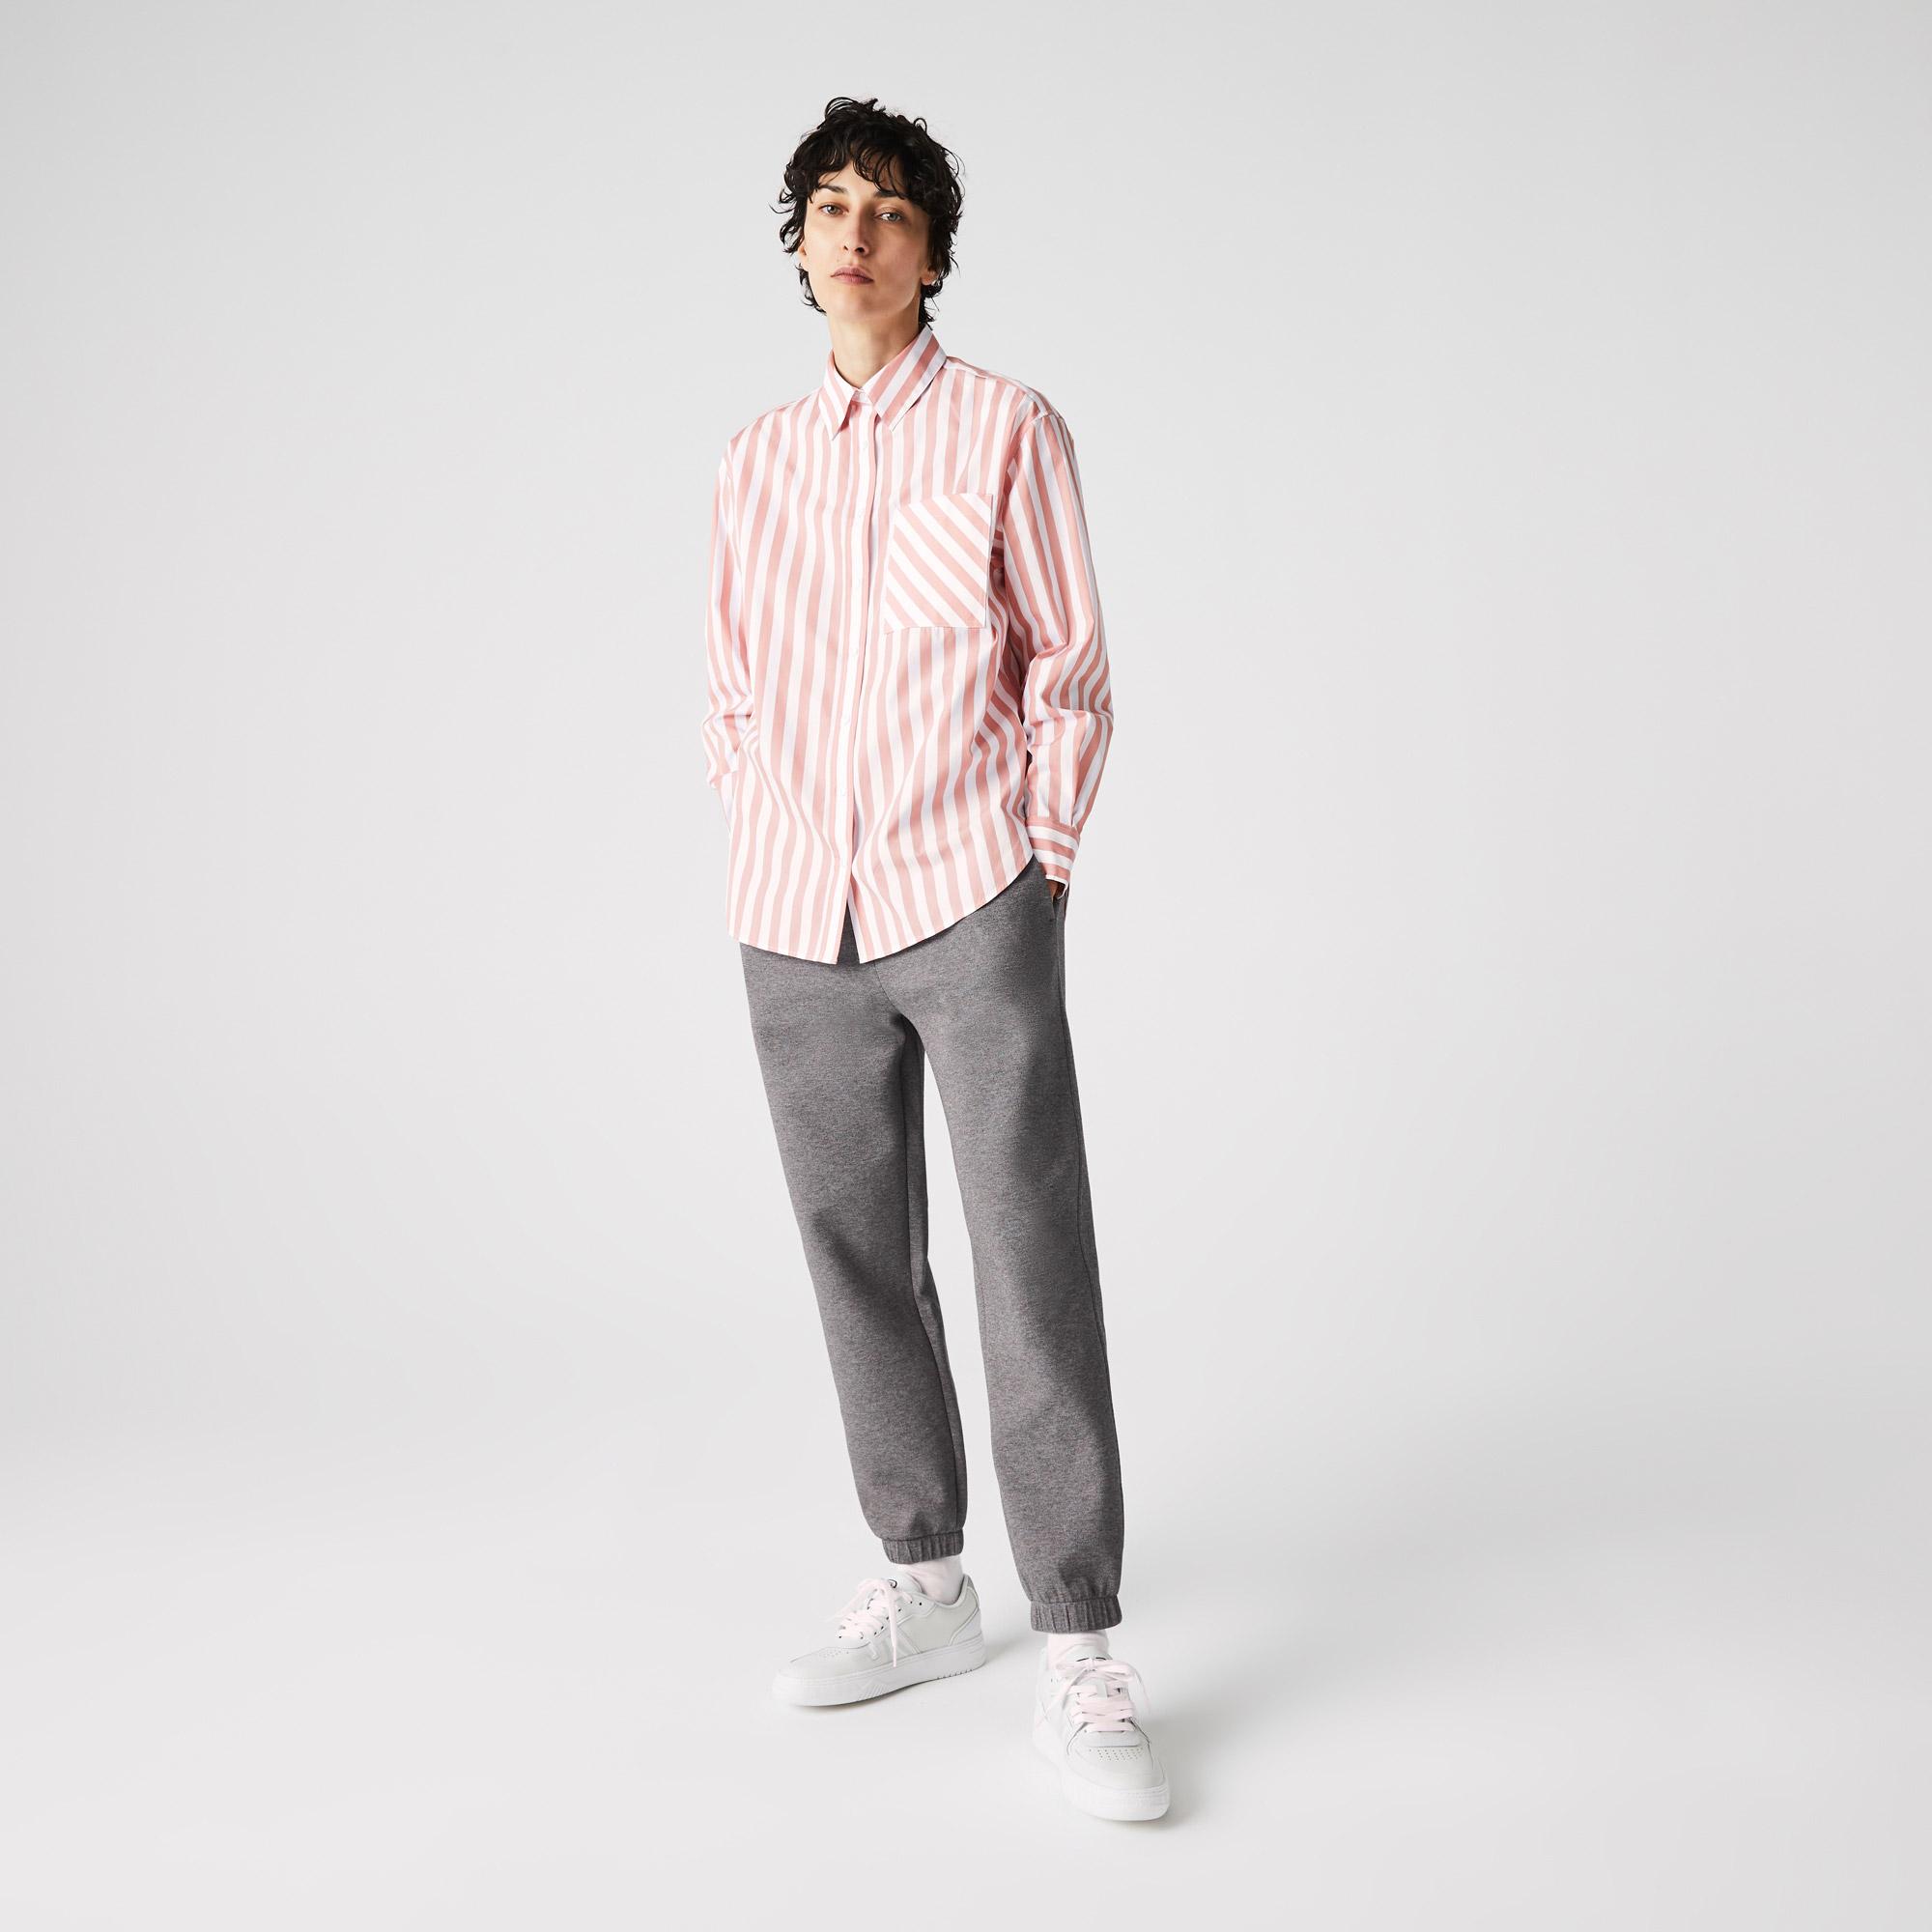 Lacoste Damskie spodnie sportowe z mieszanej bawełny